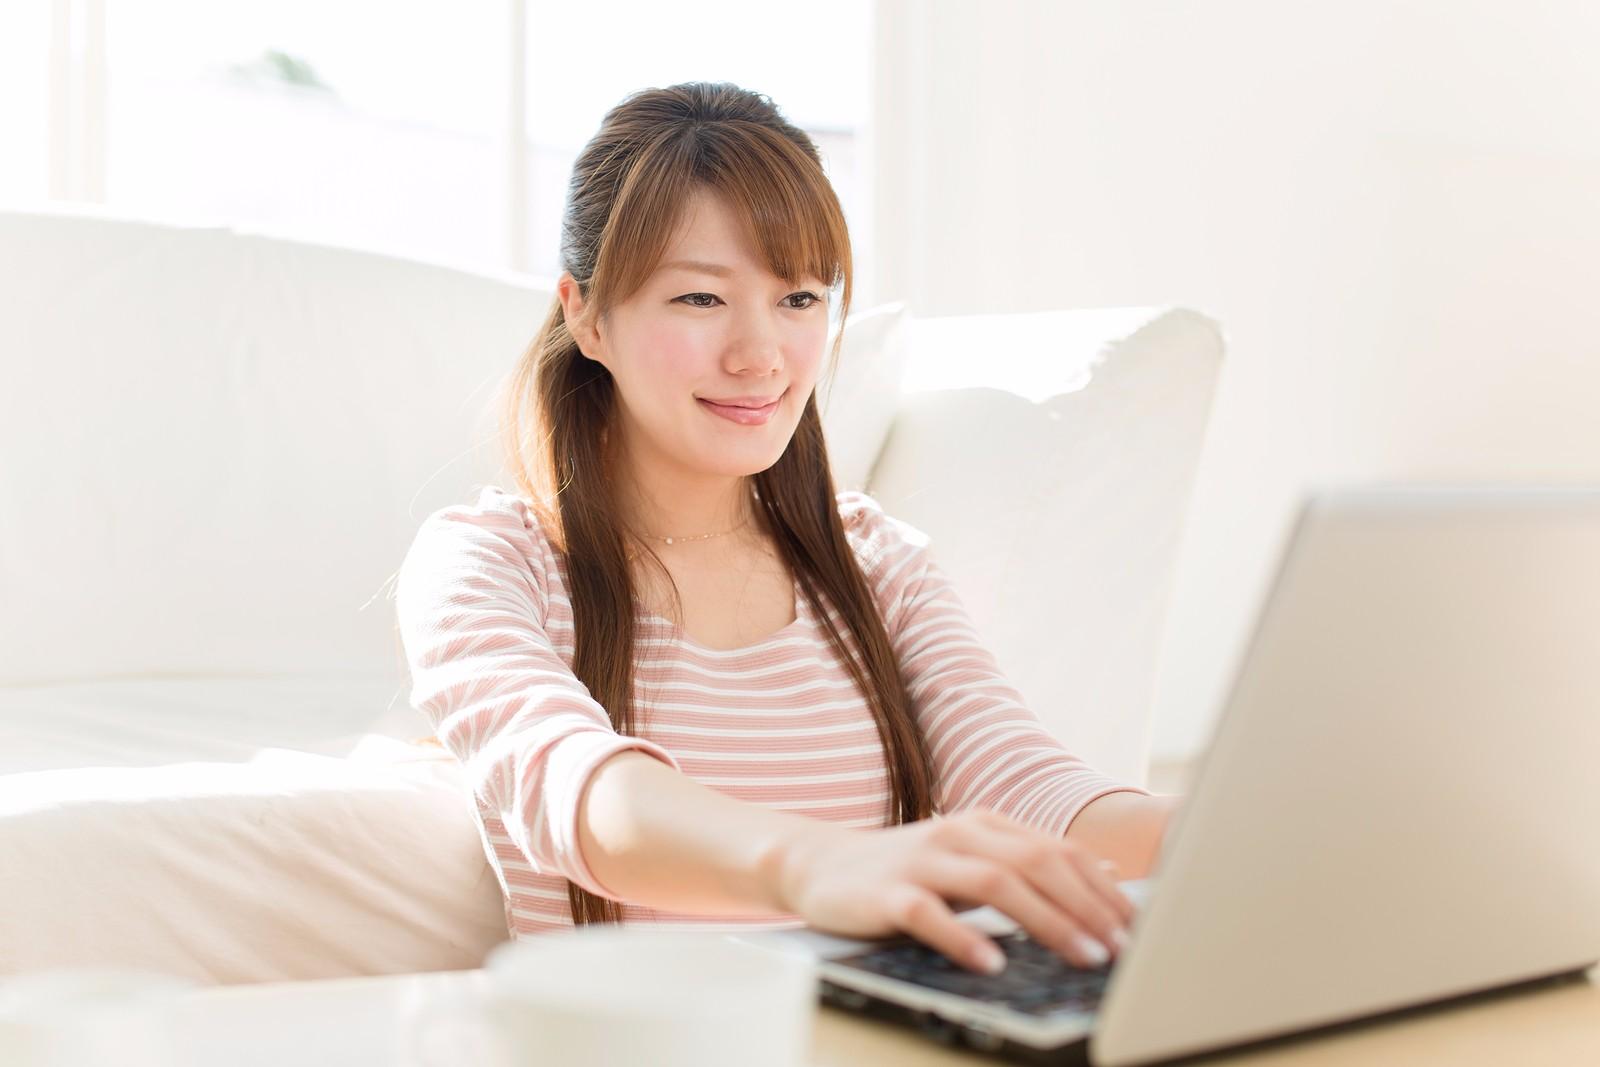 Dakreperatie-4-vrouw-laptop.jpg